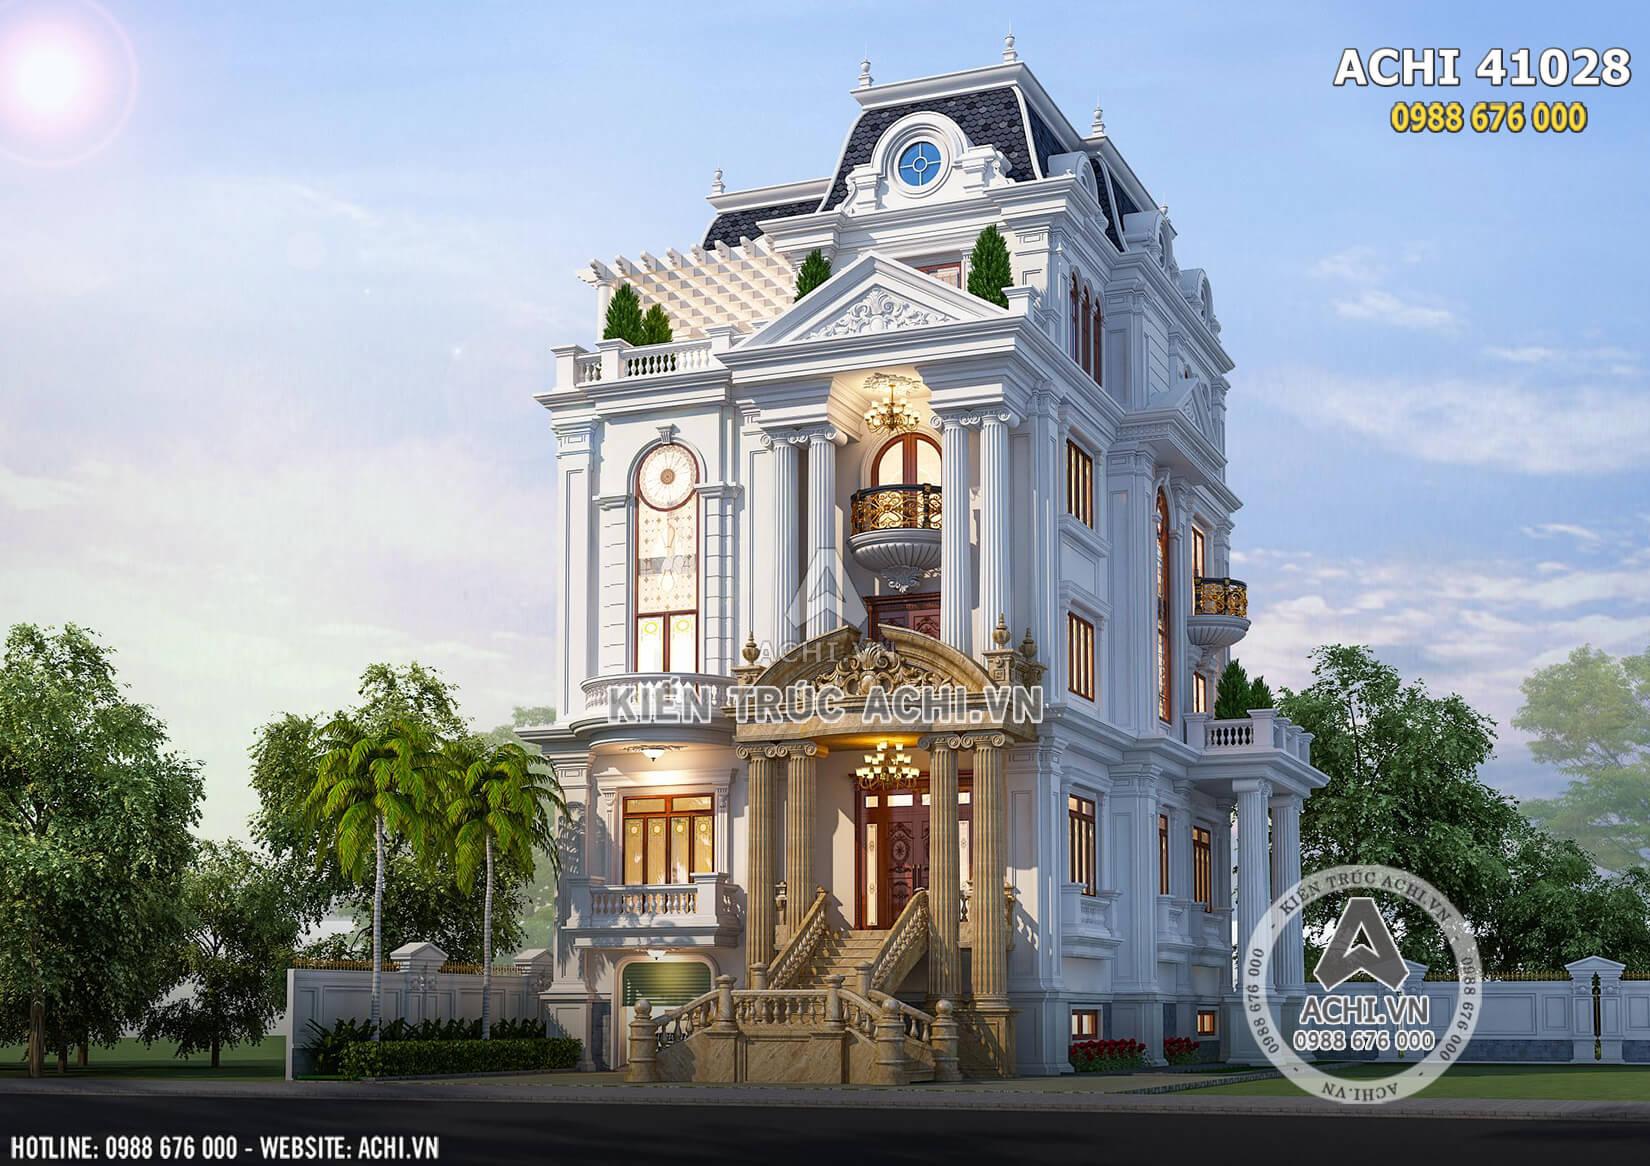 Mặt tiền ngôi nhà kiến trúc tân cổ điển 4 tầng đẹp sang trọng